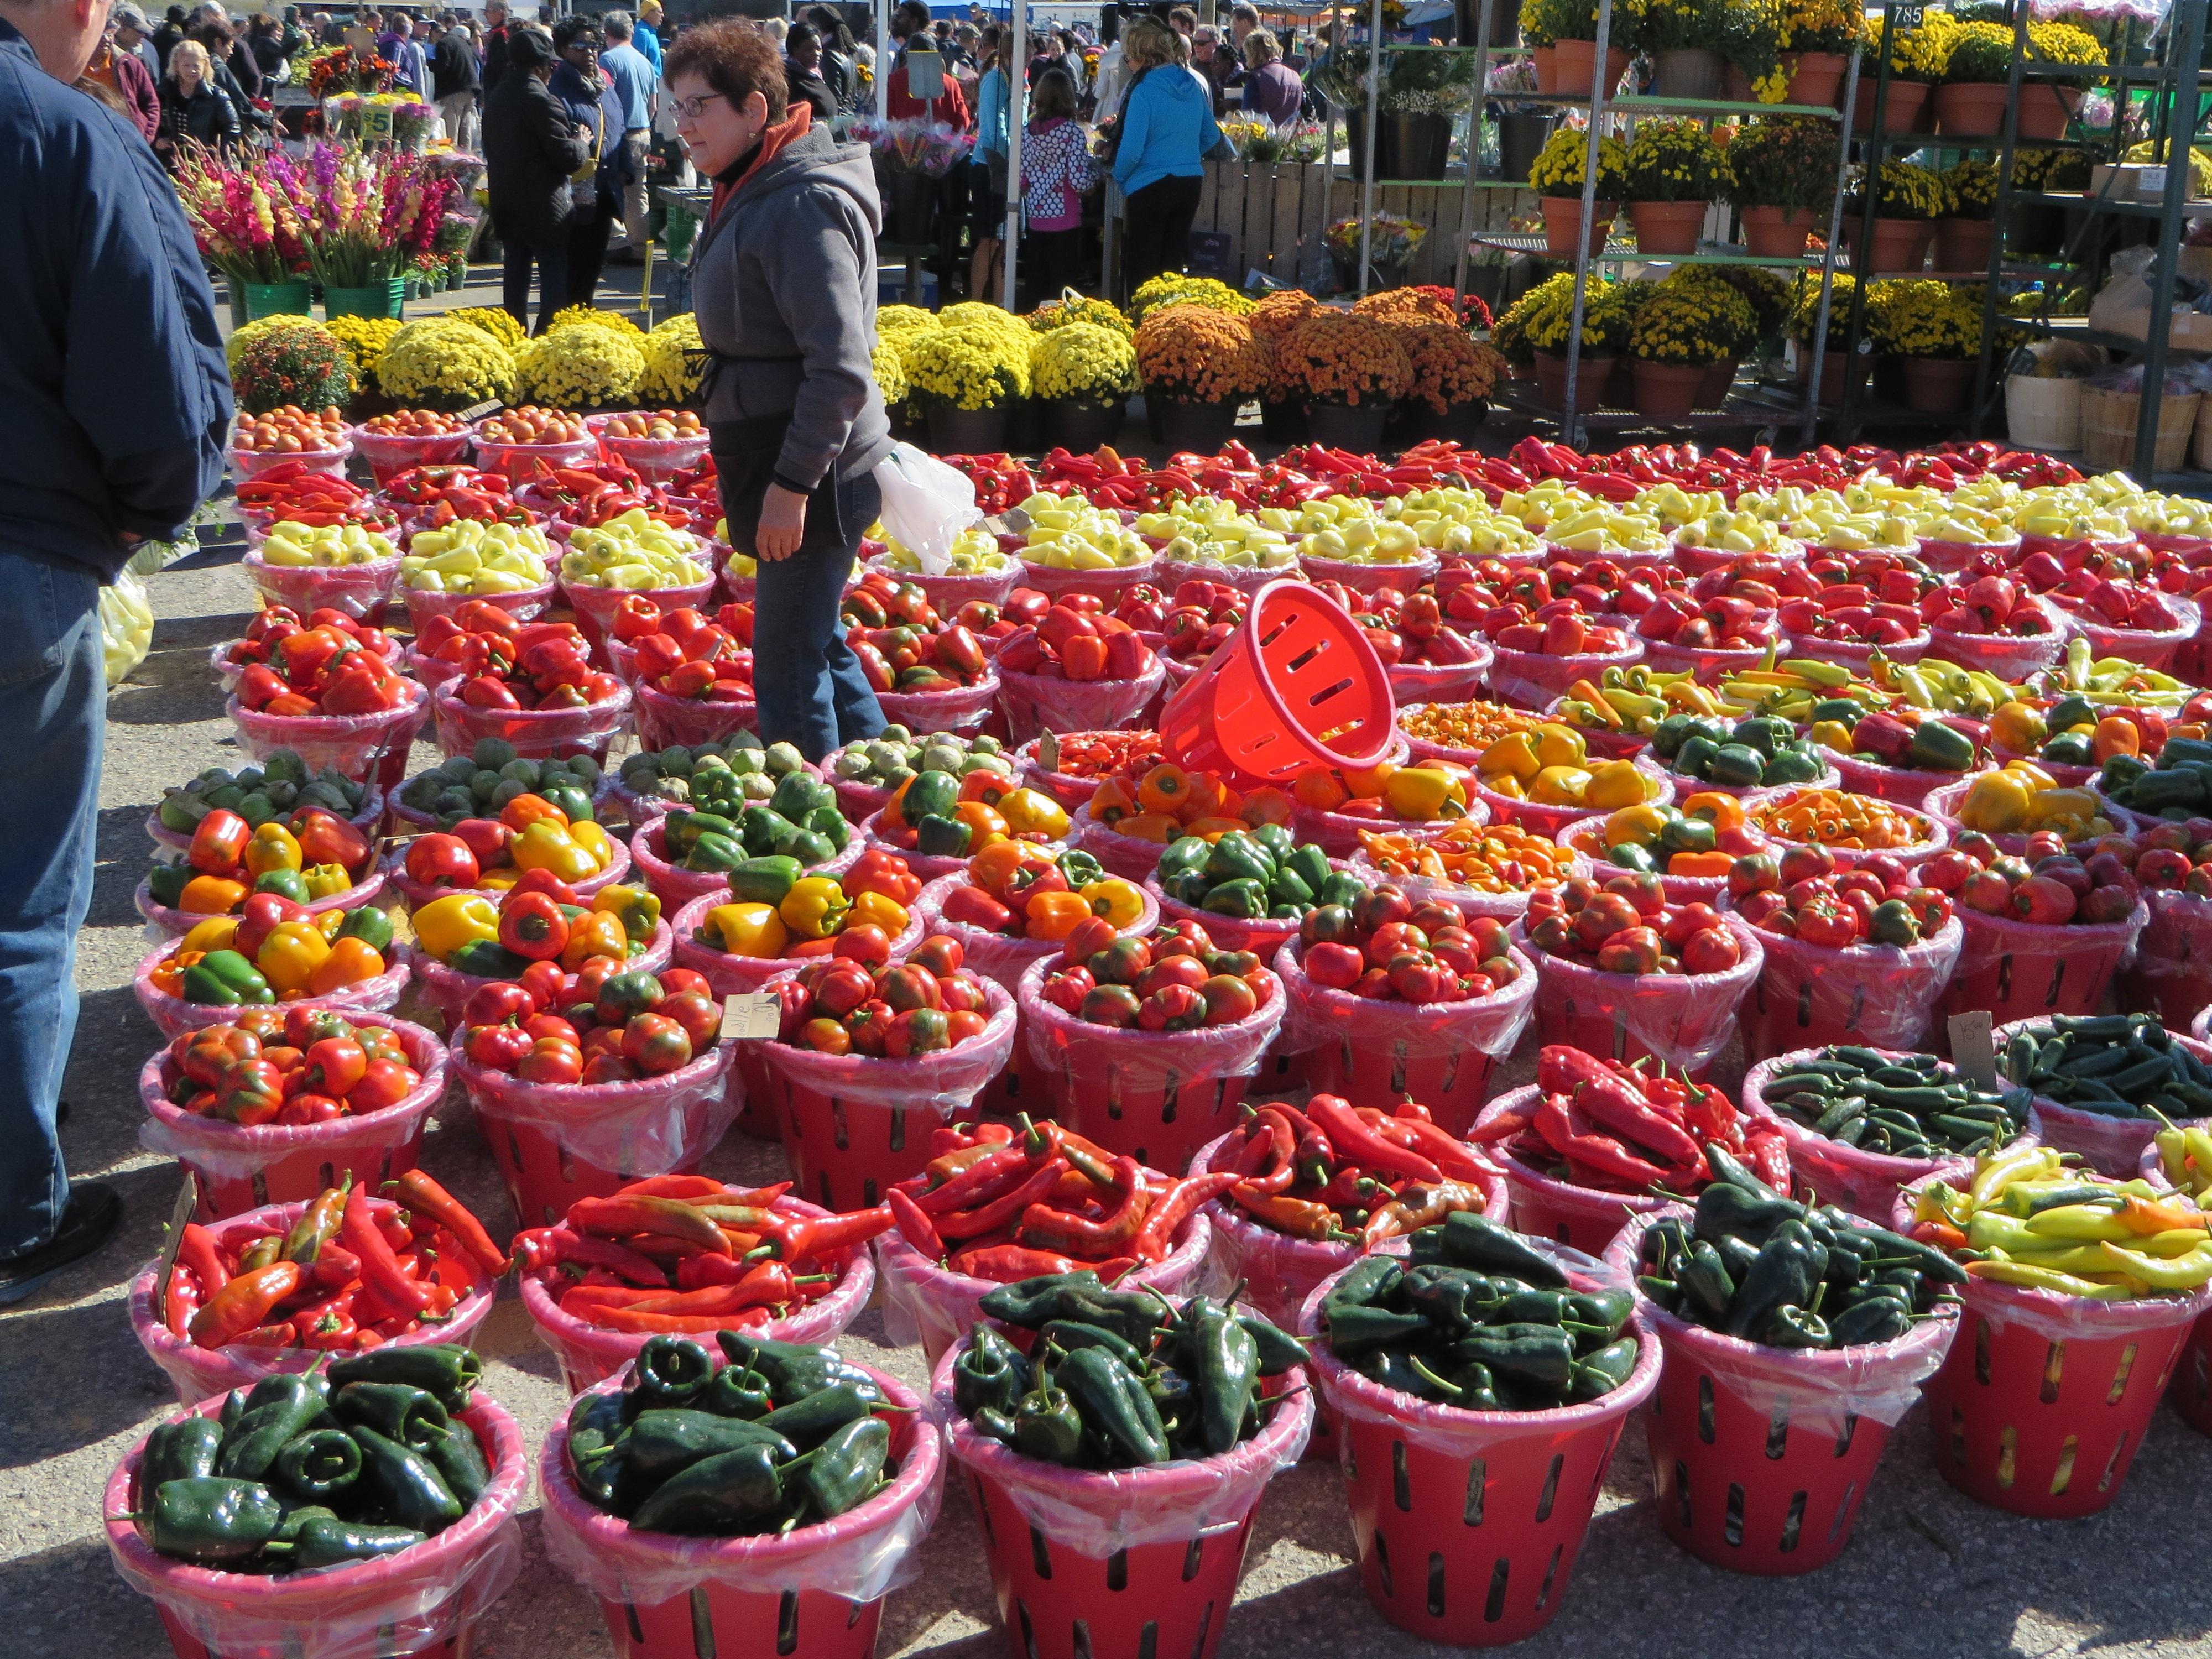 Bien connu Images Gratuites : fruit, fleur, ville, aliments, vendeur  QI14